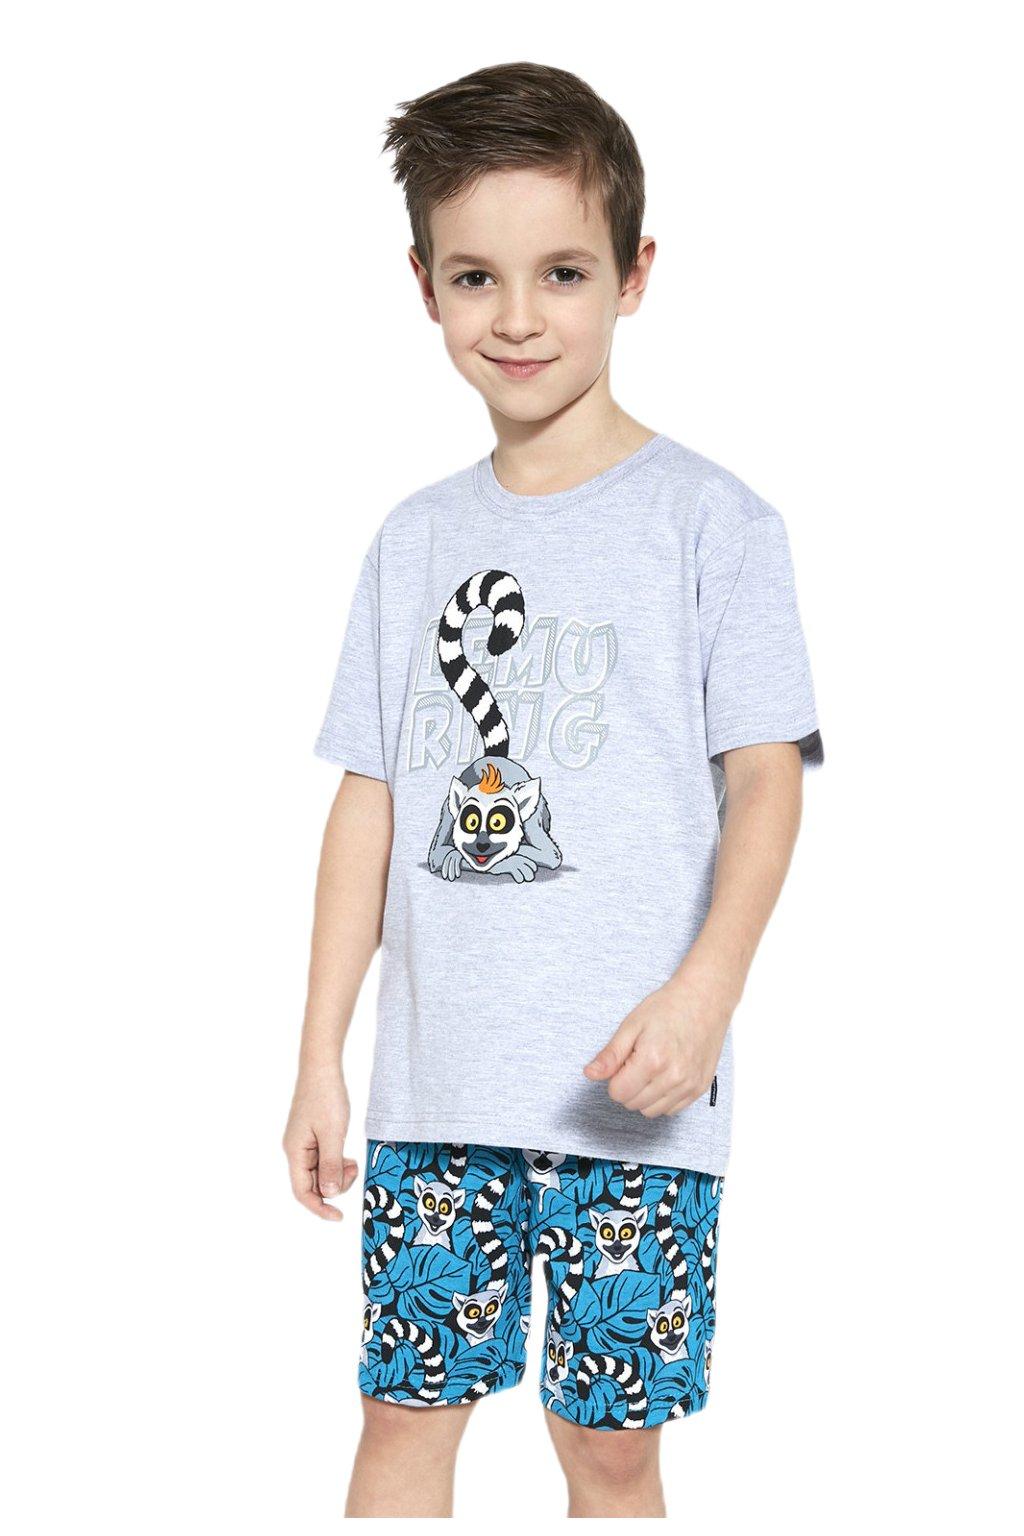 Chlapecké bavlněné pyžamo s krátkým rukávem Cornette 790/95 Lemuring.